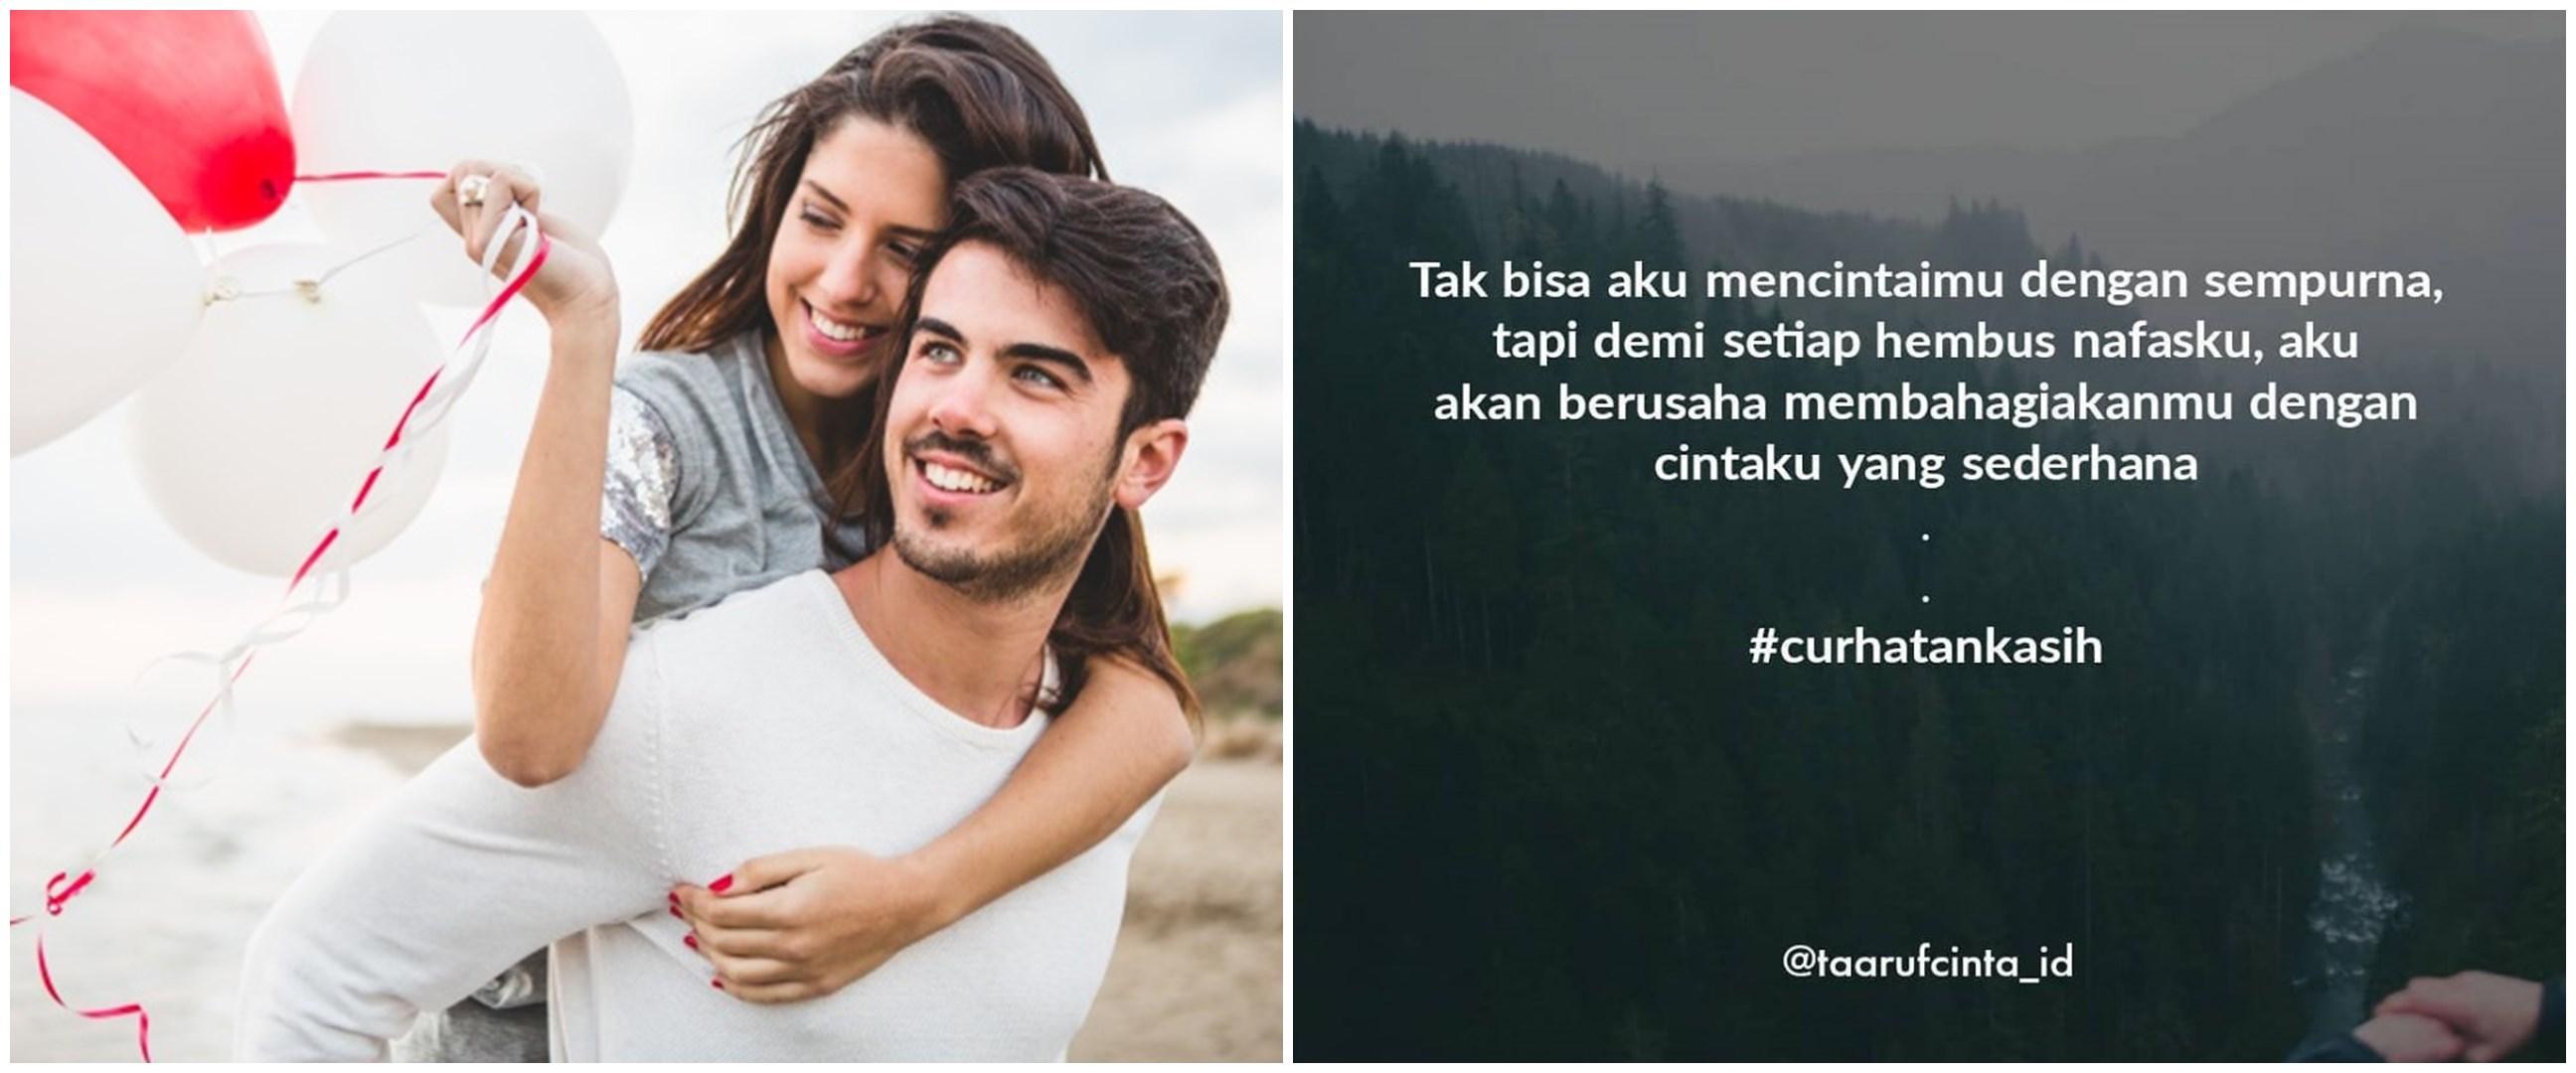 40 Kata-kata romantis untuk suami, menyentuh hati dan penuh cinta